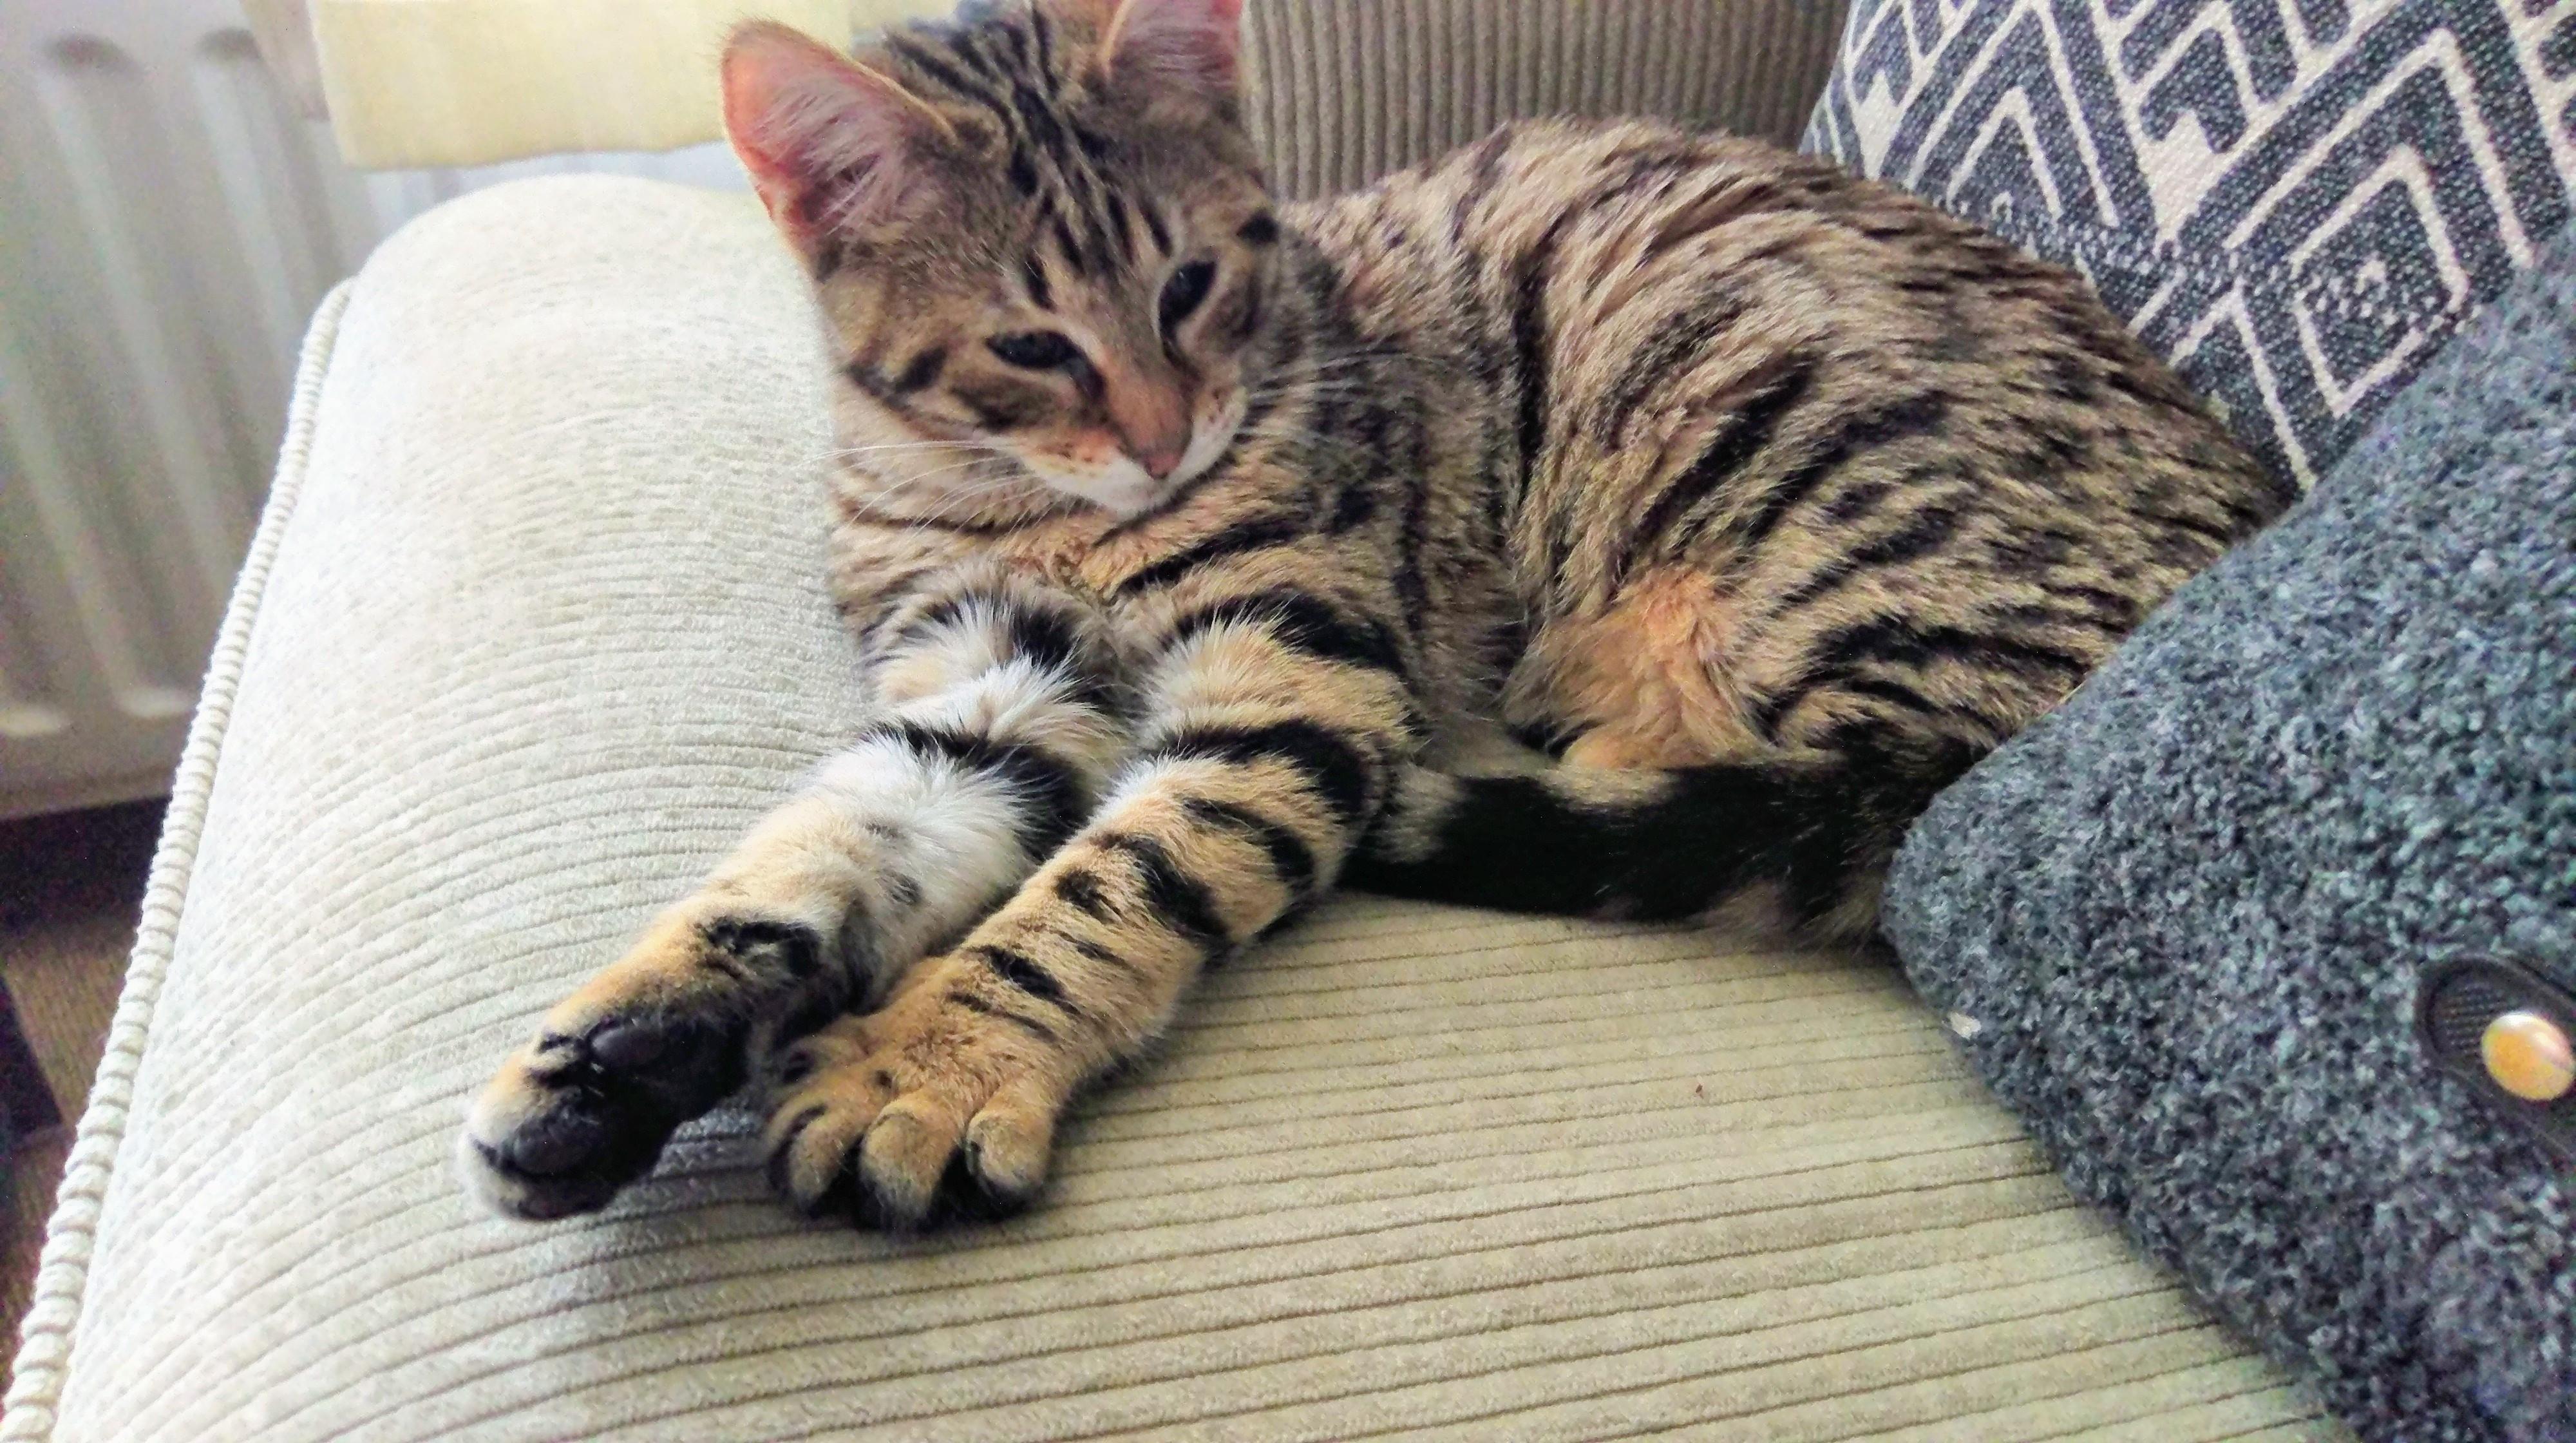 imag3769-jpg.7930, kan het zijn dat mijn kat een savannah is?, Info en vragen voor katteneigenaren, Kattenforum SjEd, 13093, imag3769-jpg.7930, 21:09, 18 jan 2019, 18 jan 2019, 3838, 21:09